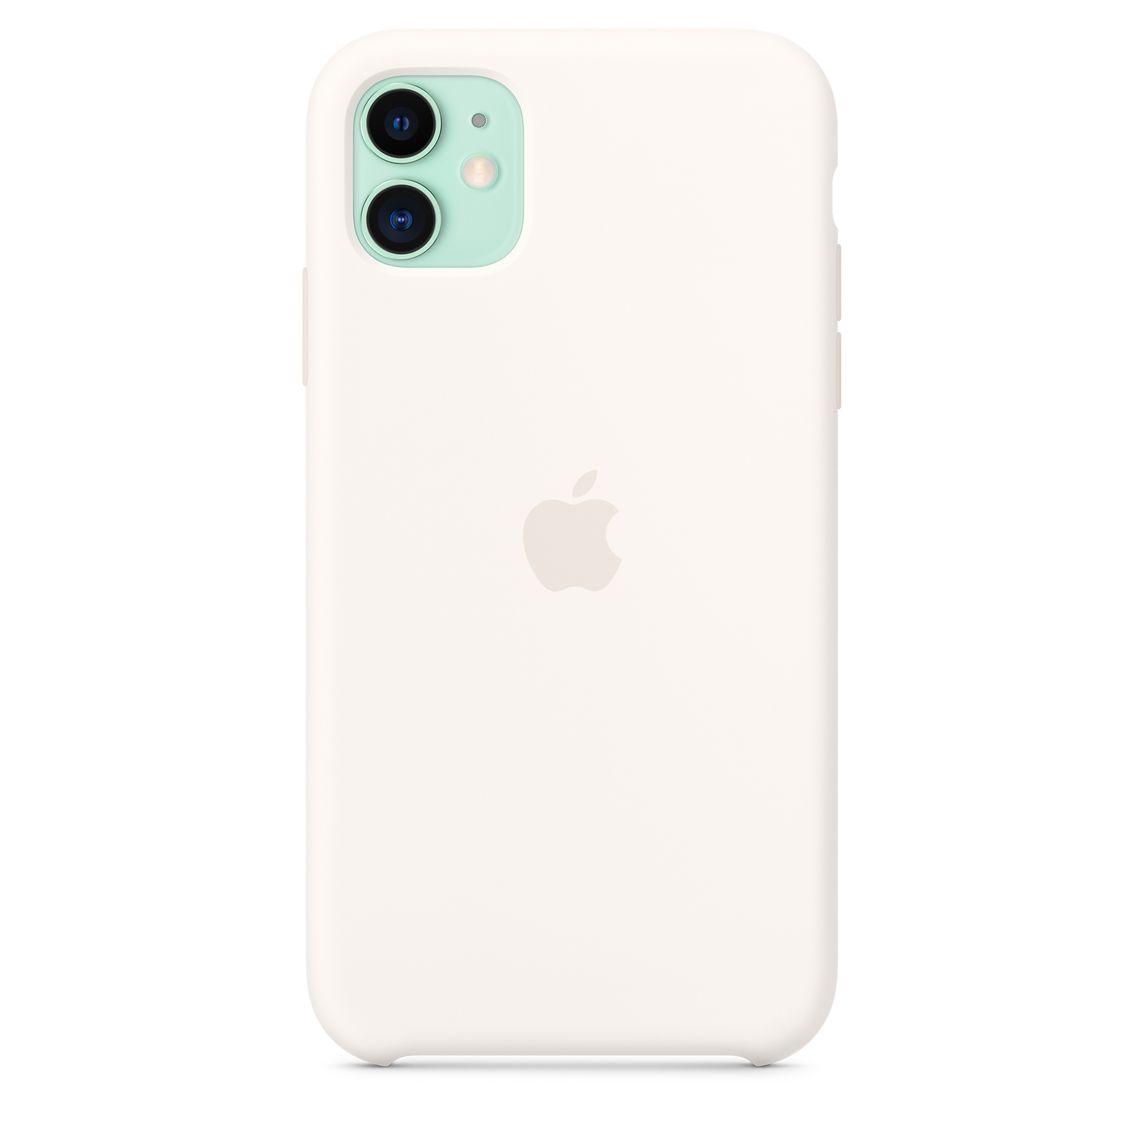 Étui en silicone pour iPhone 11 - Blanc crème